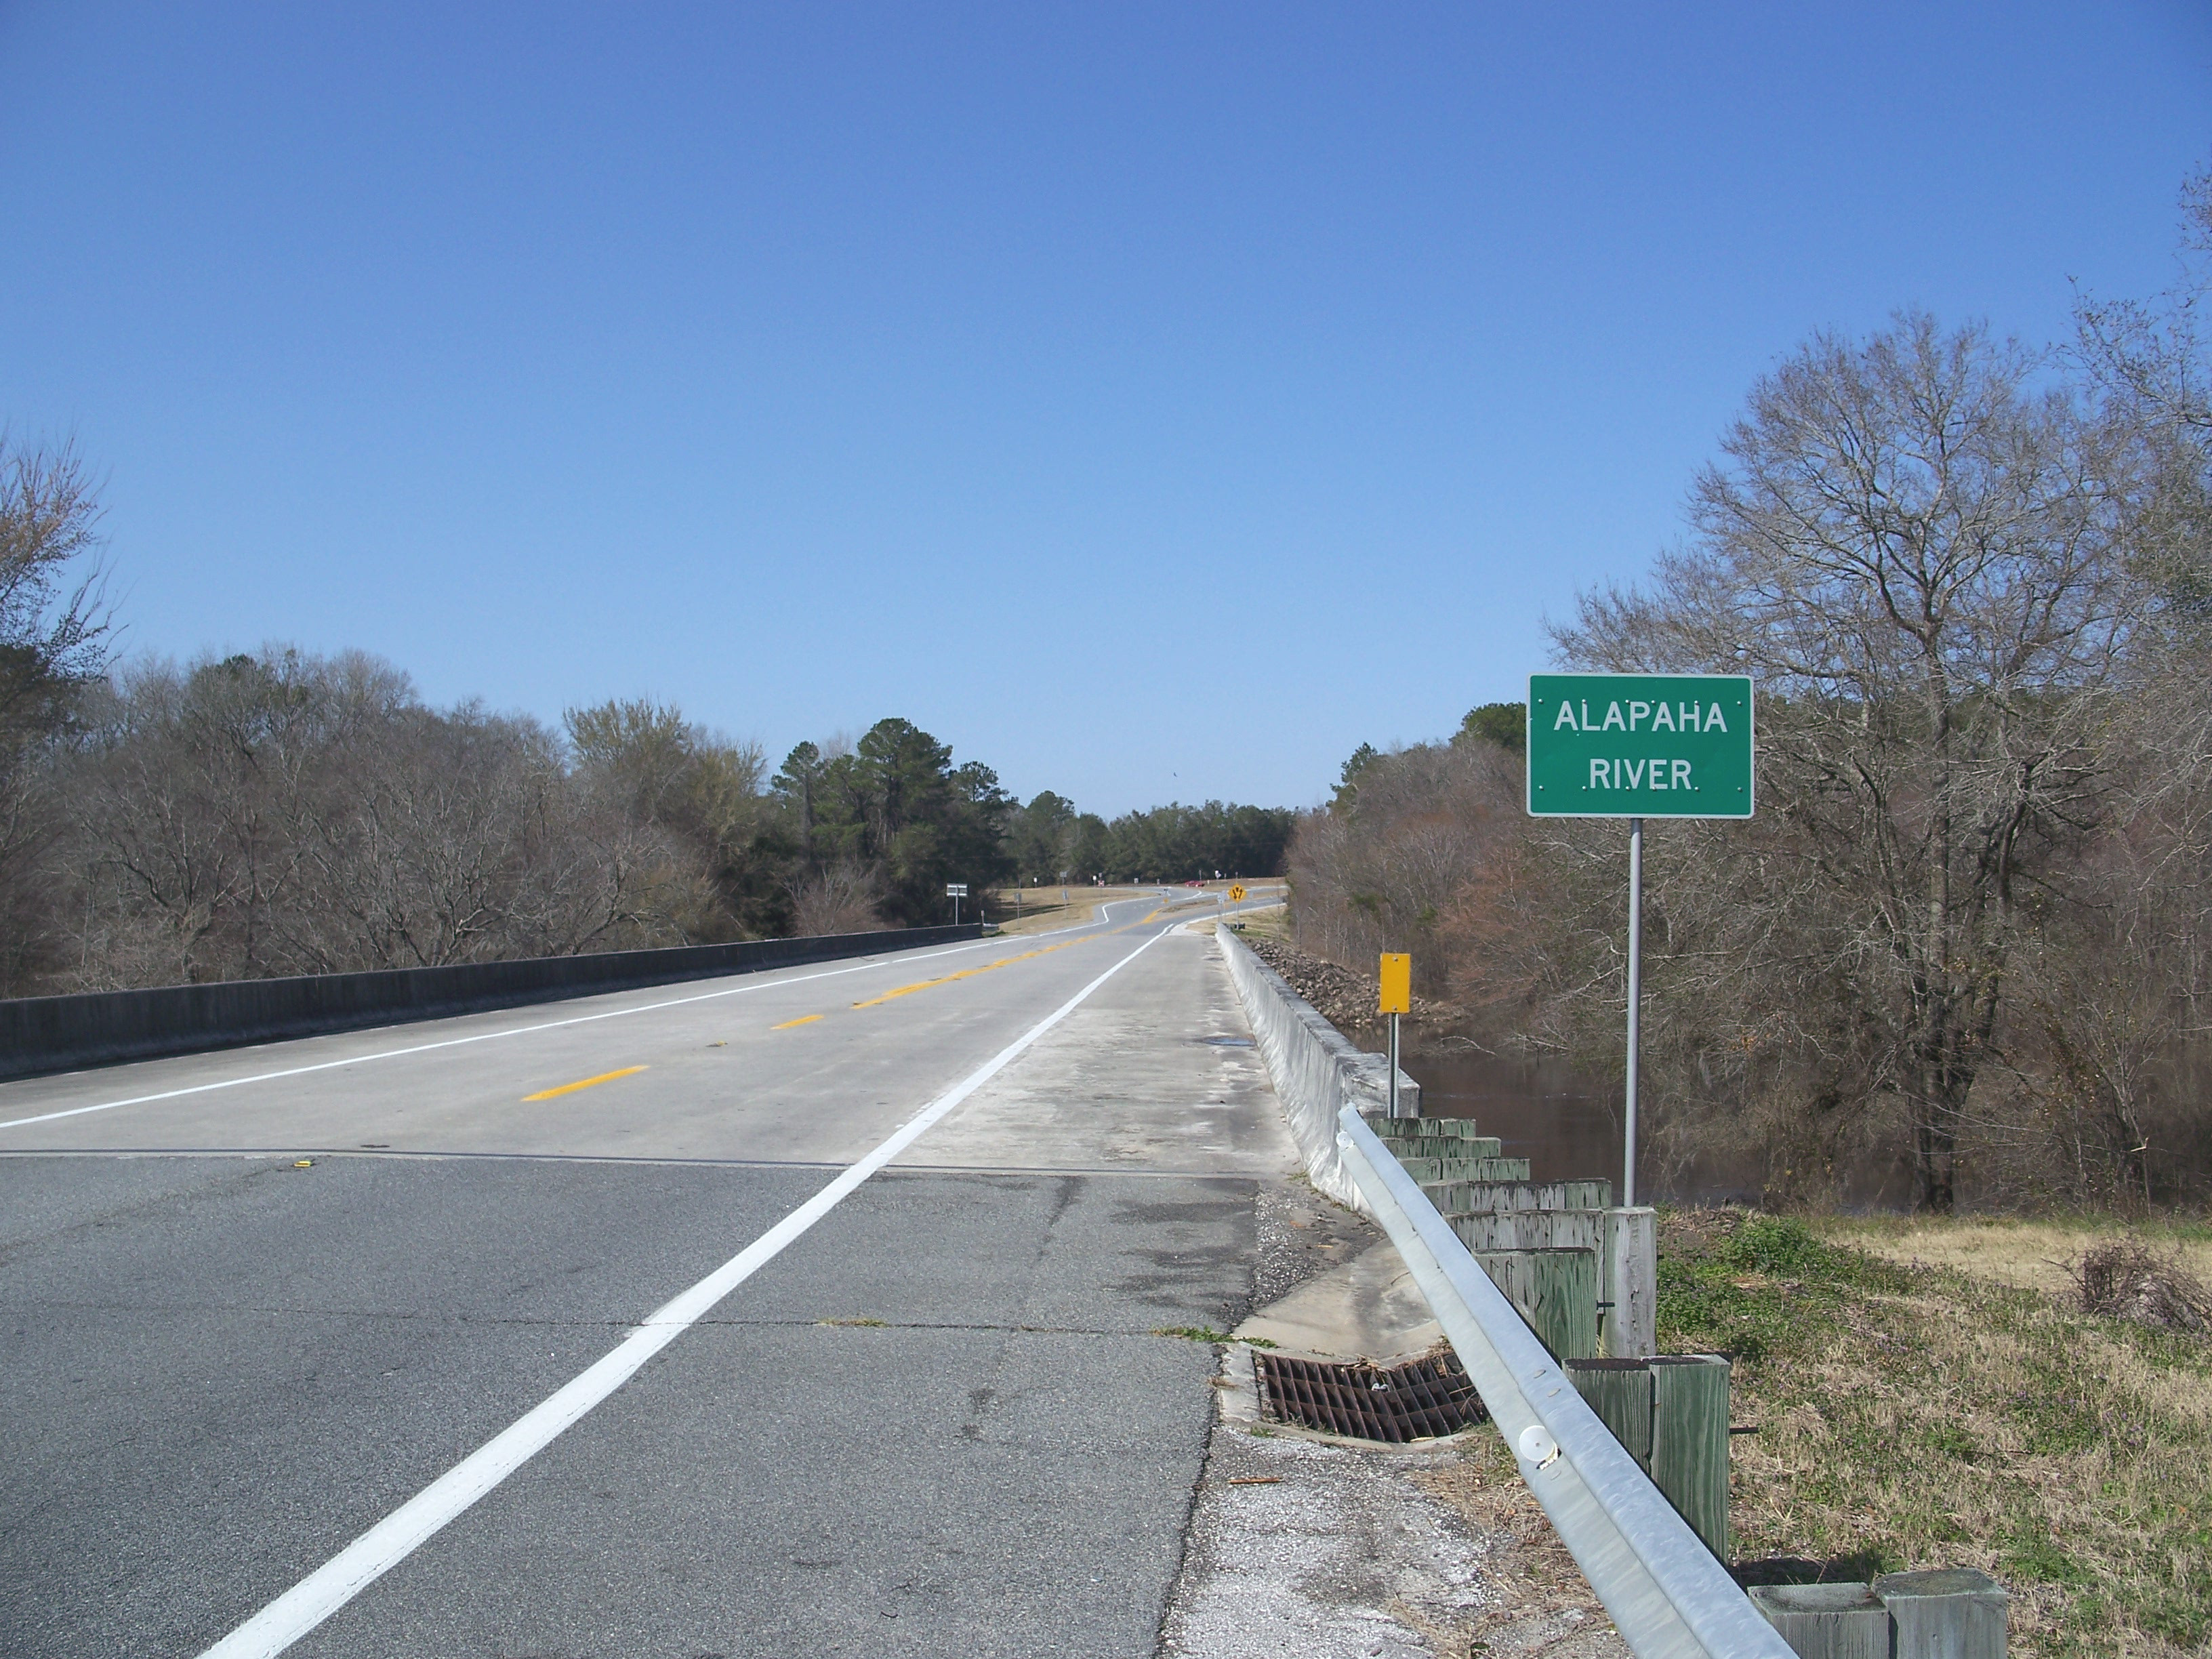 route 41 florida construction loans